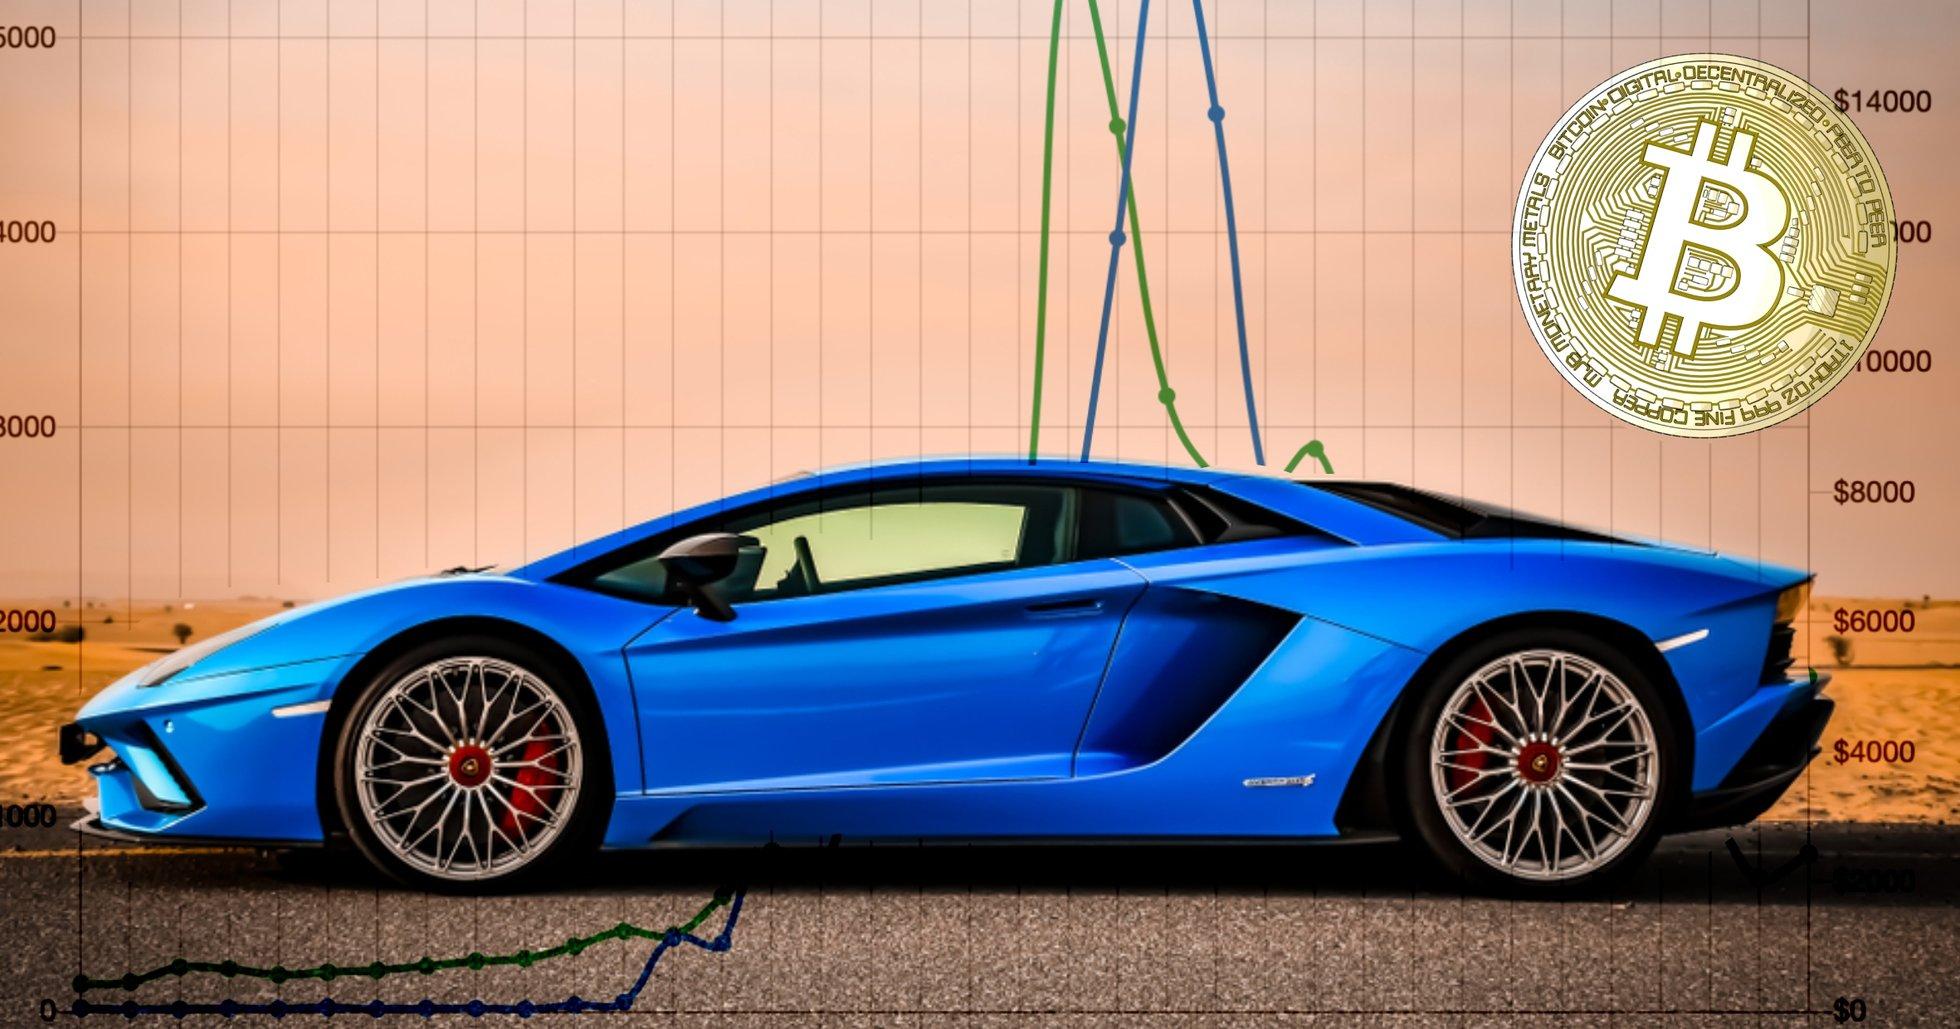 Ny statistik avslöjar: Bitcoinpriset går upp när det pratas om ett italienskt bilmärke